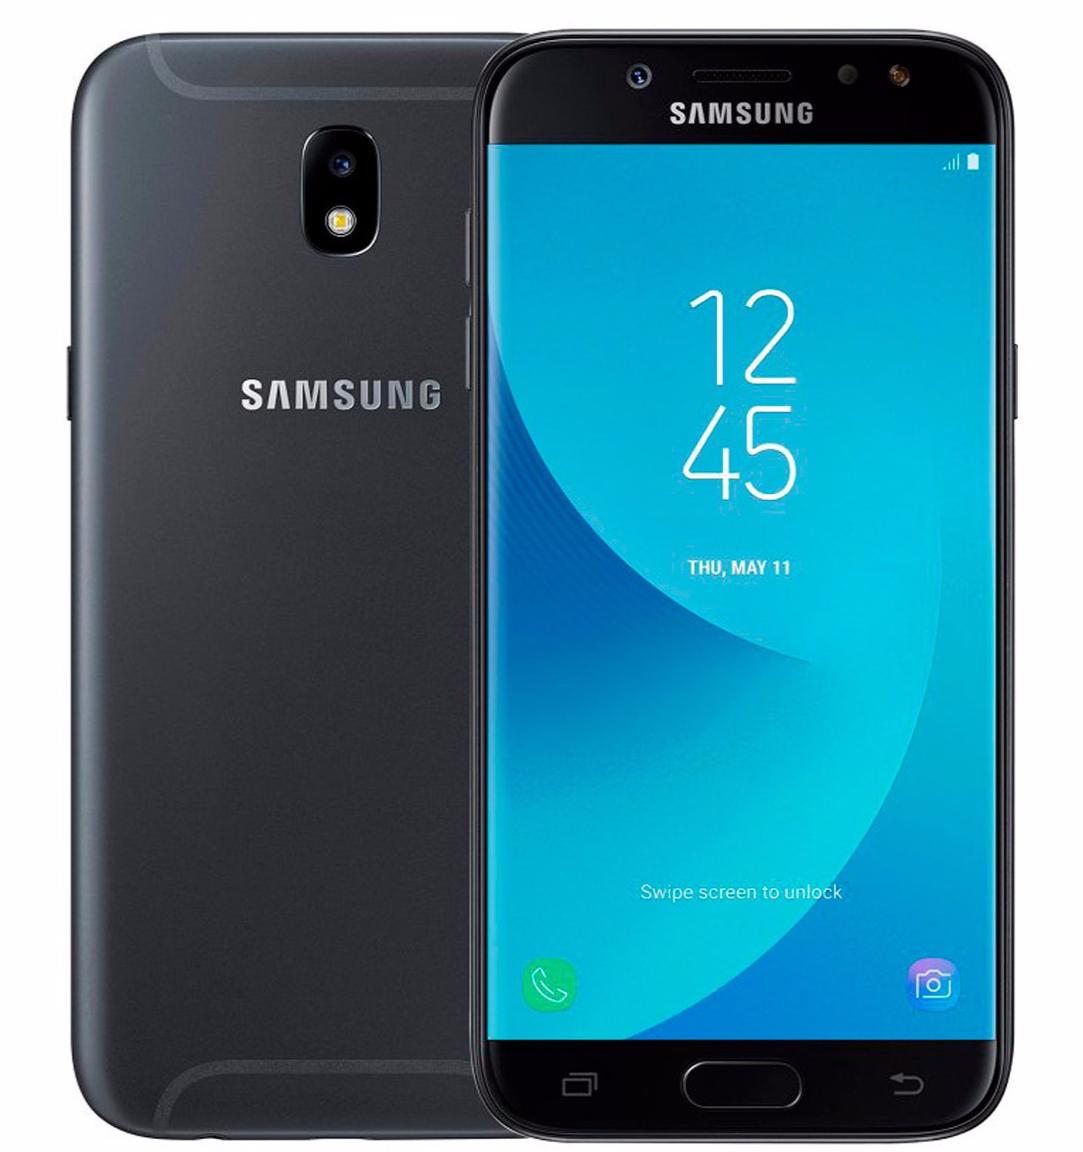 SAMSUNG GALAXY J5 (J530F) LTE DUAL SIM BLACK (2017)